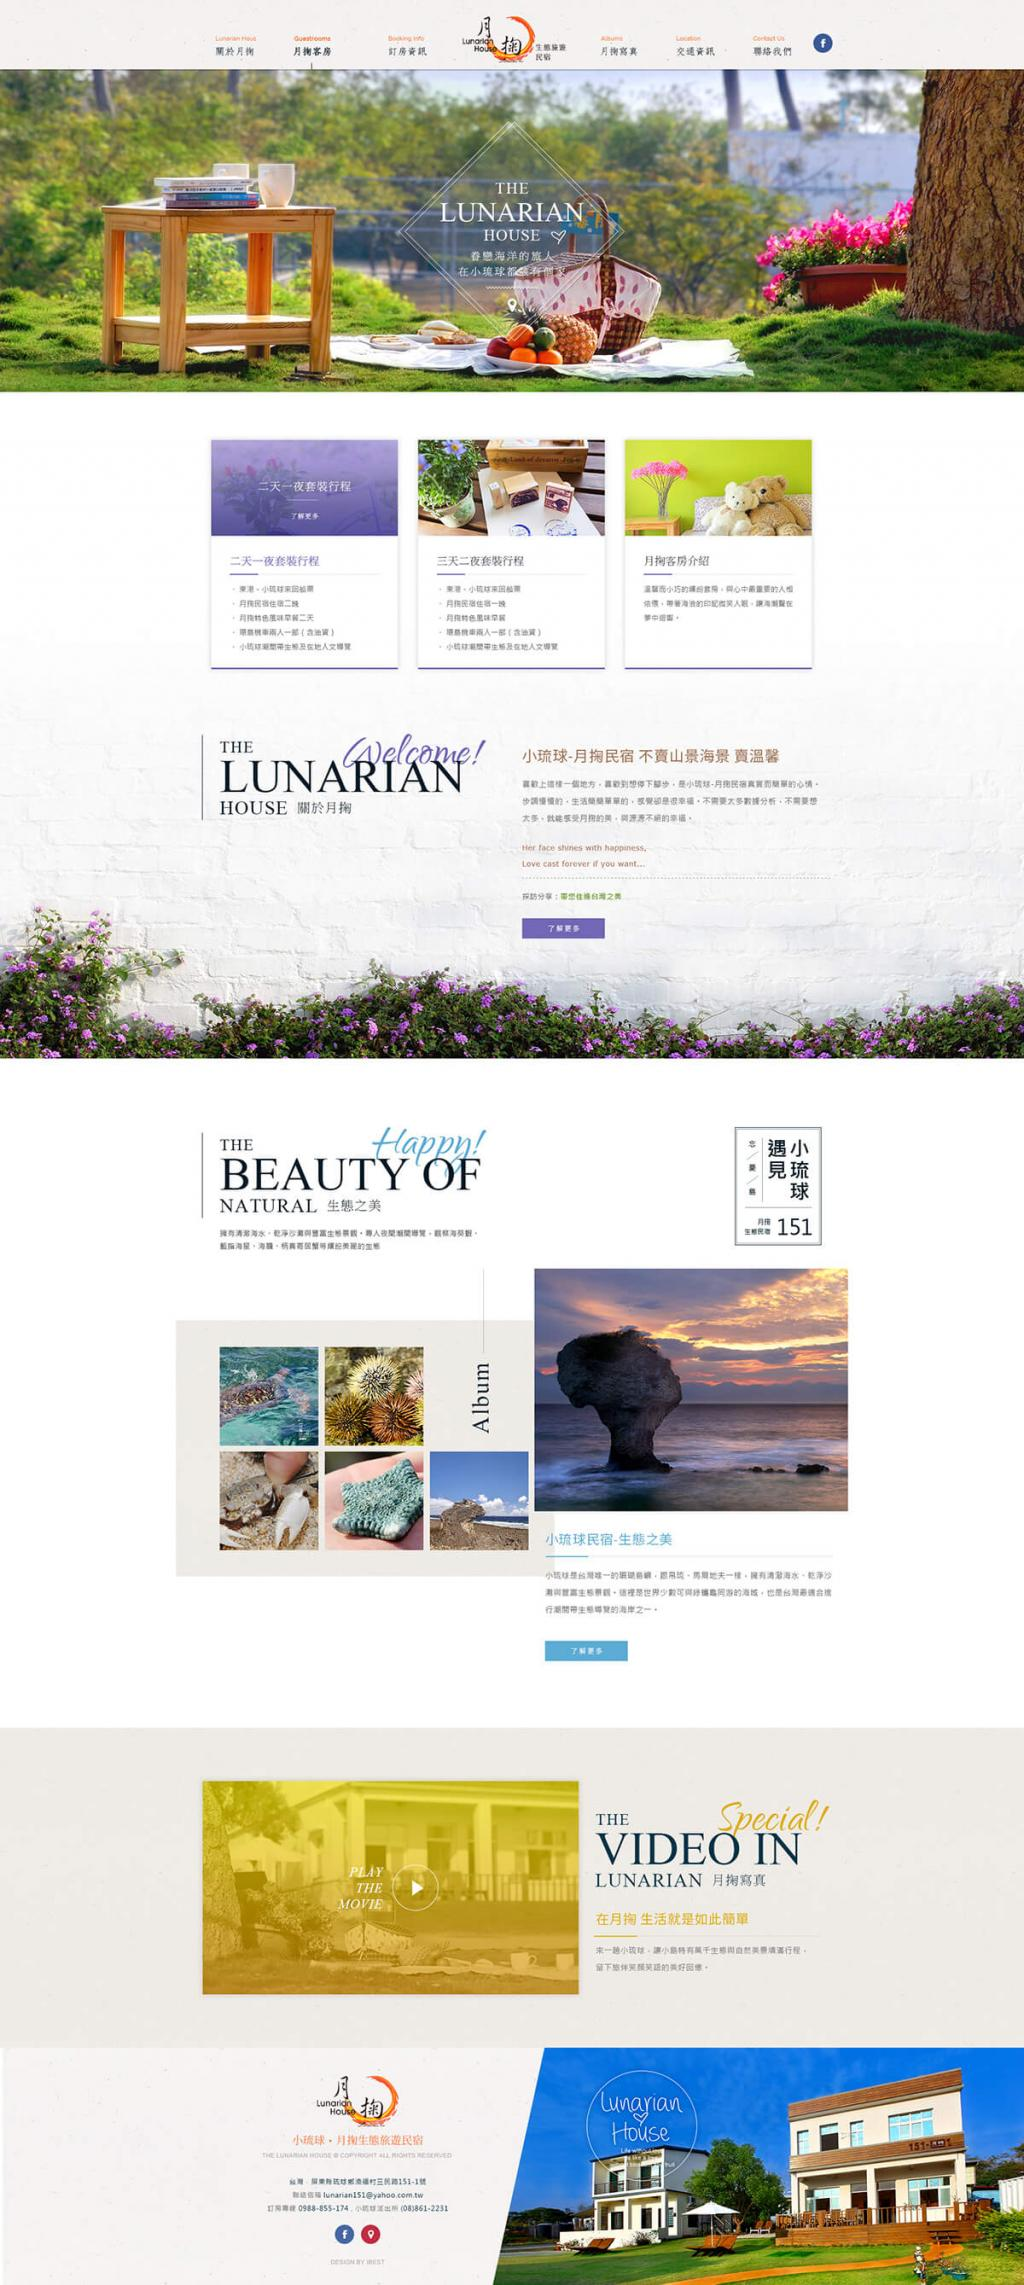 小琉球月掬生態旅遊民宿-網頁設計